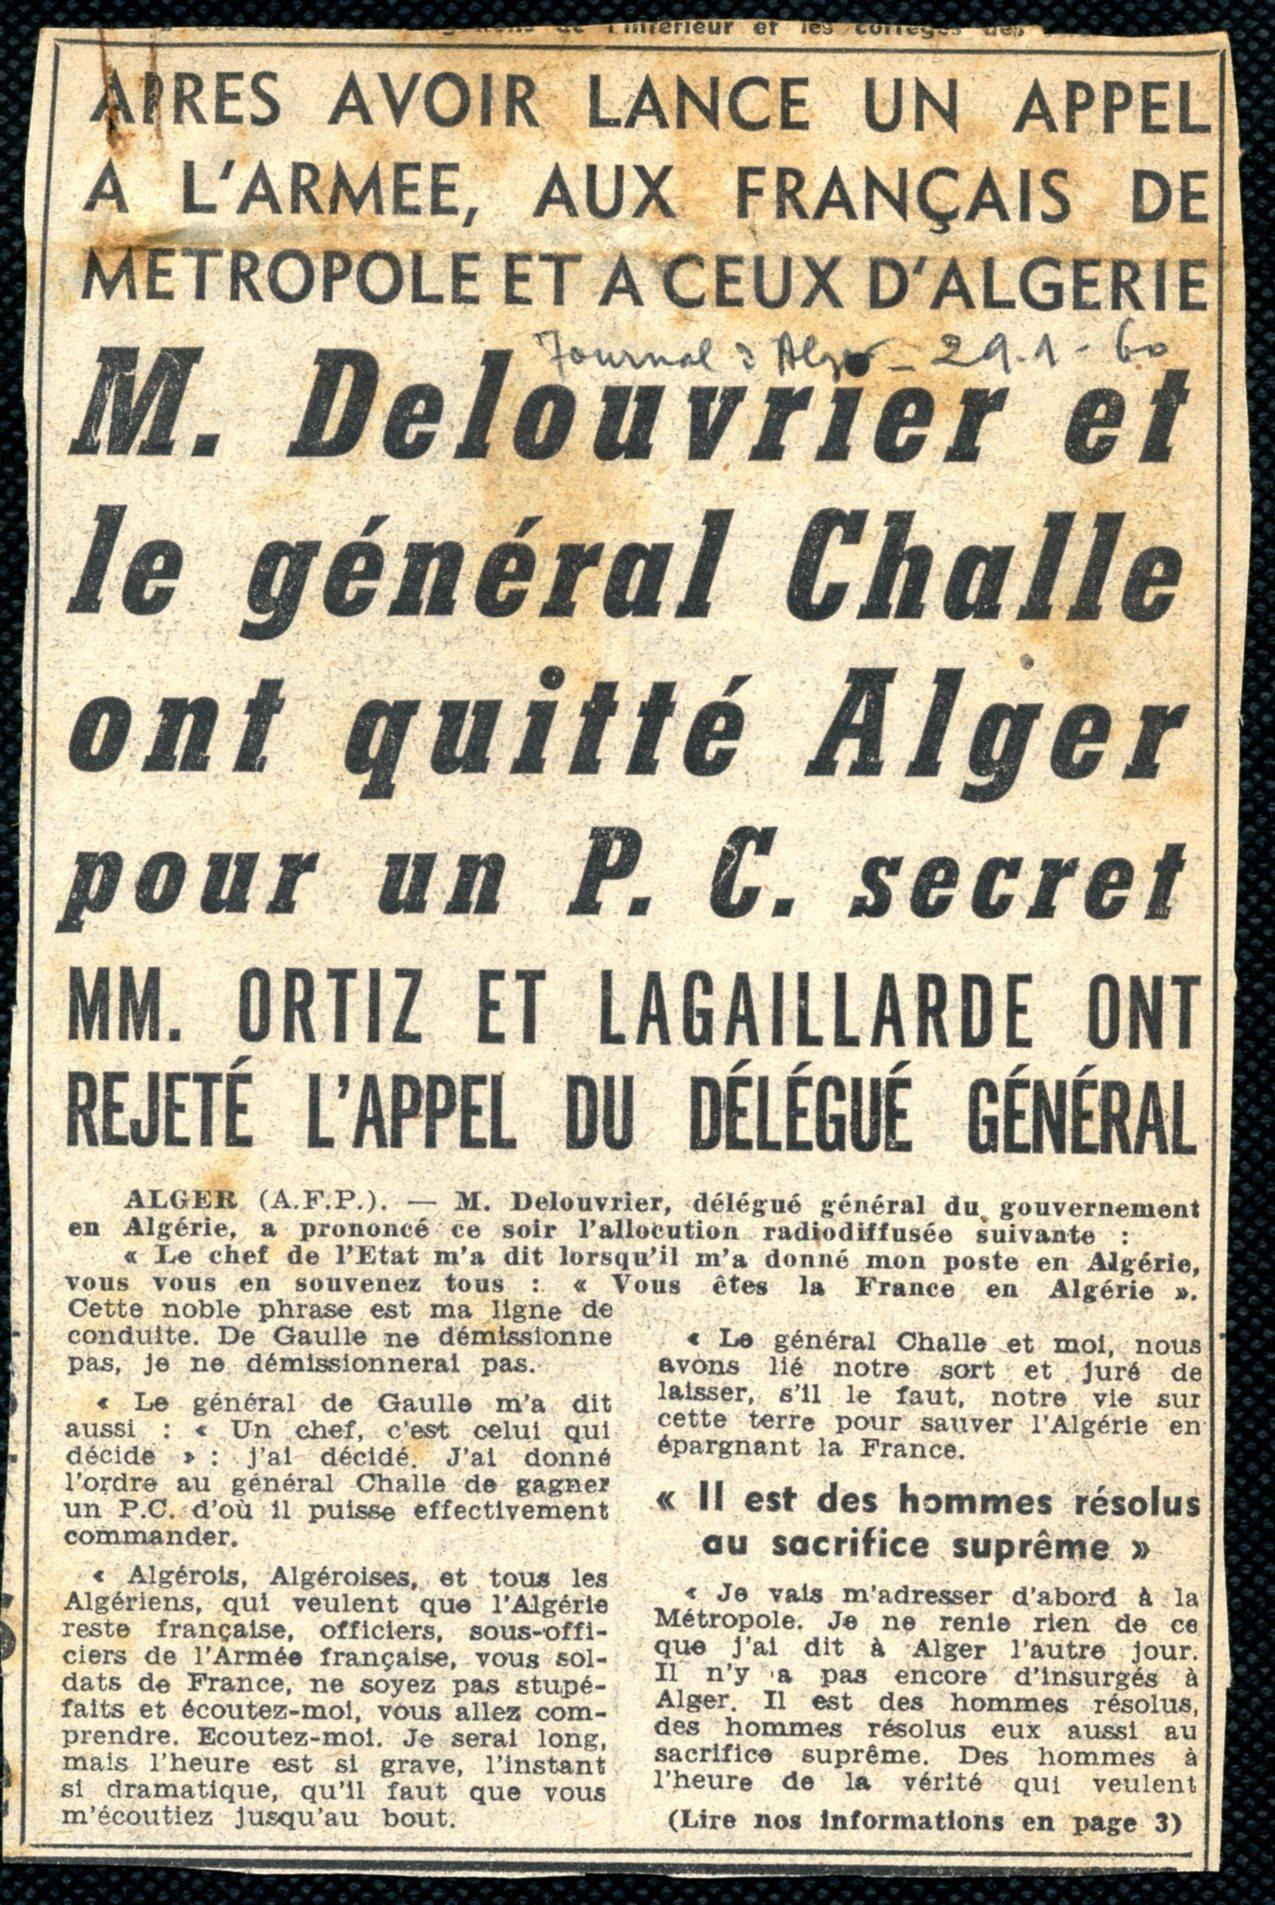 REC_MAN_JOUR19_journaux coupure1.jpg